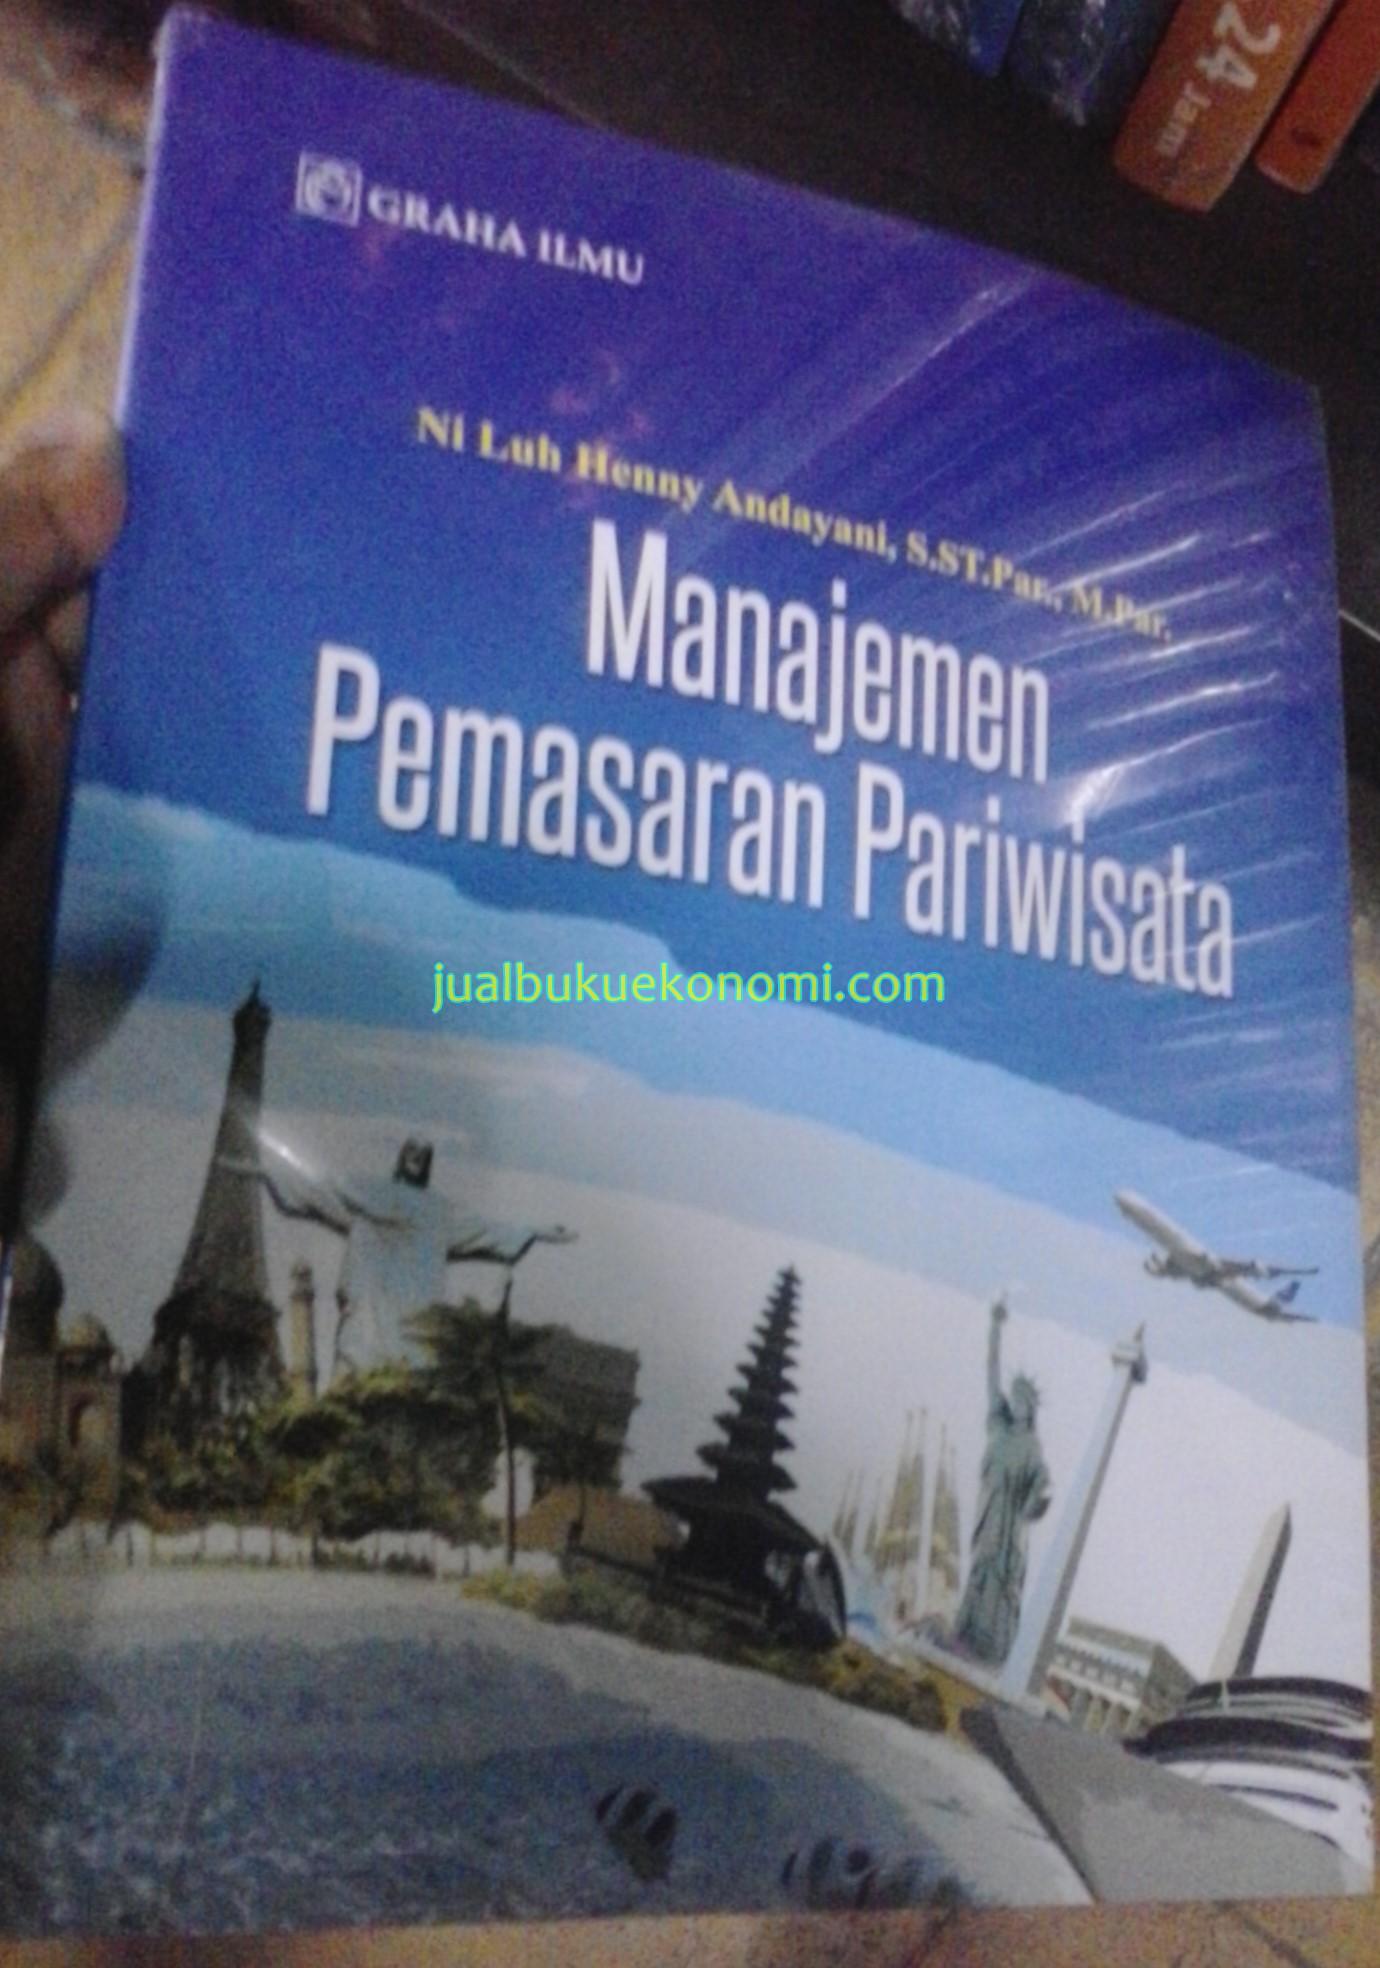 manajemen pemasaran pariwisata